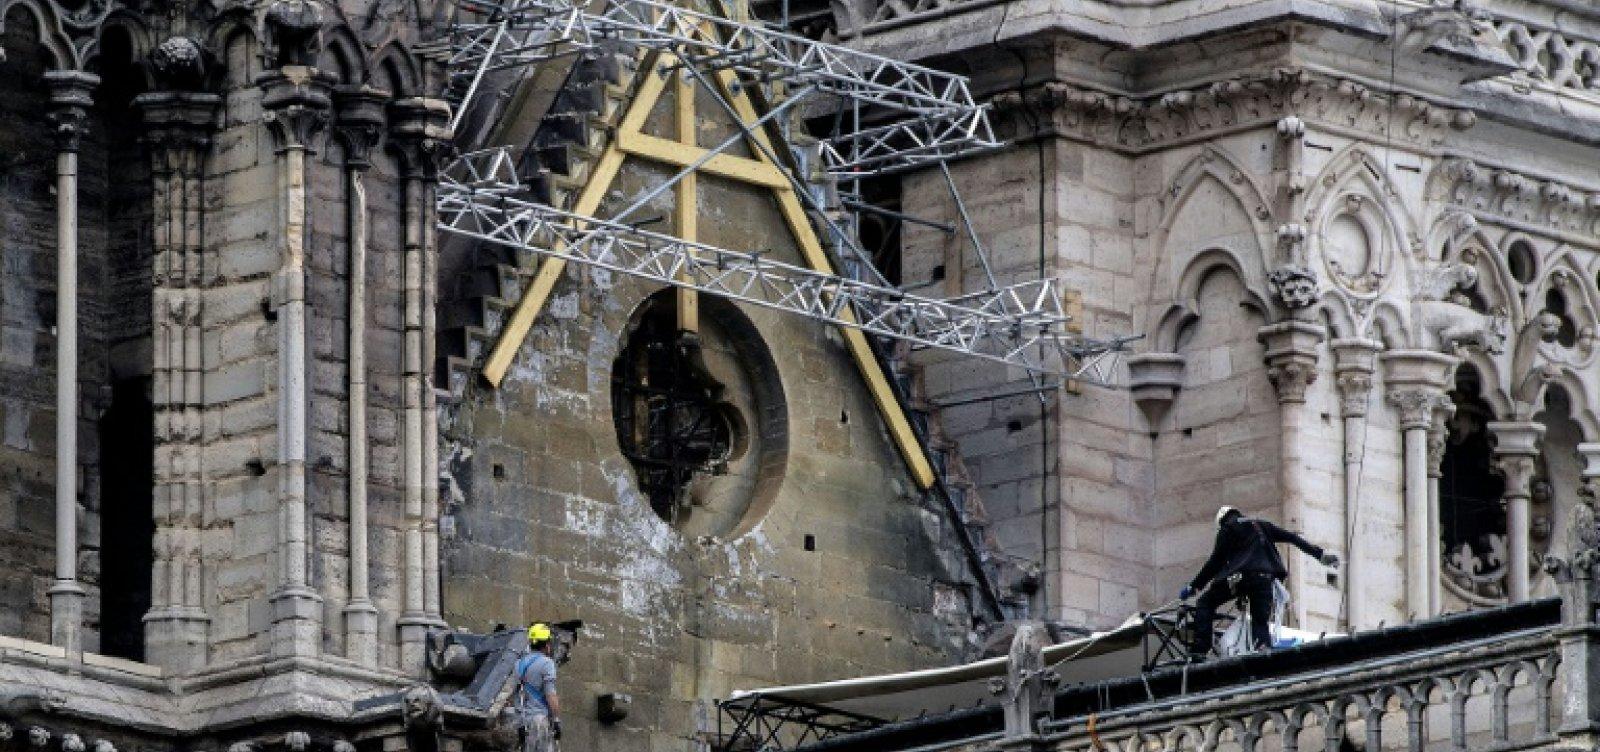 [Polícia encontra bitucas onde começou o incêndio de Notre-Dame]